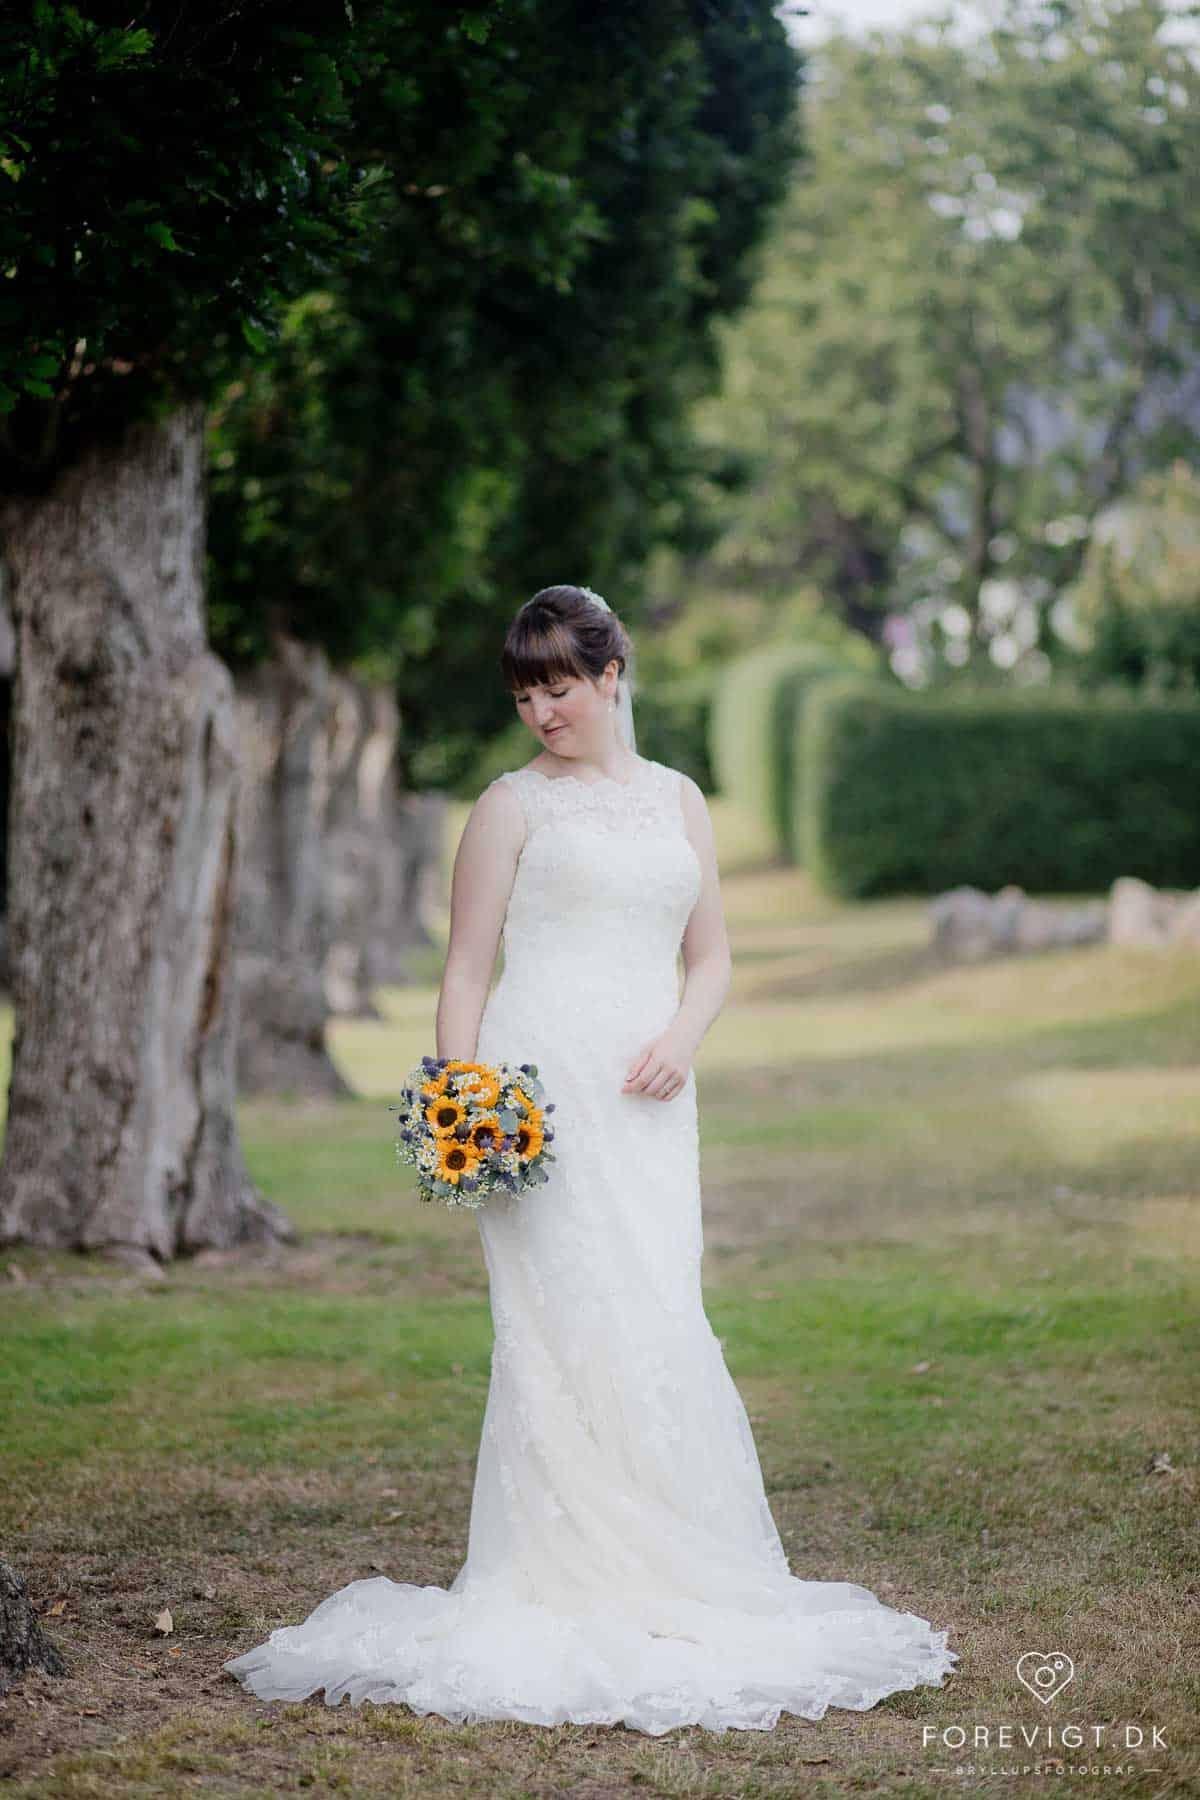 Billeder af haderslev bryllup